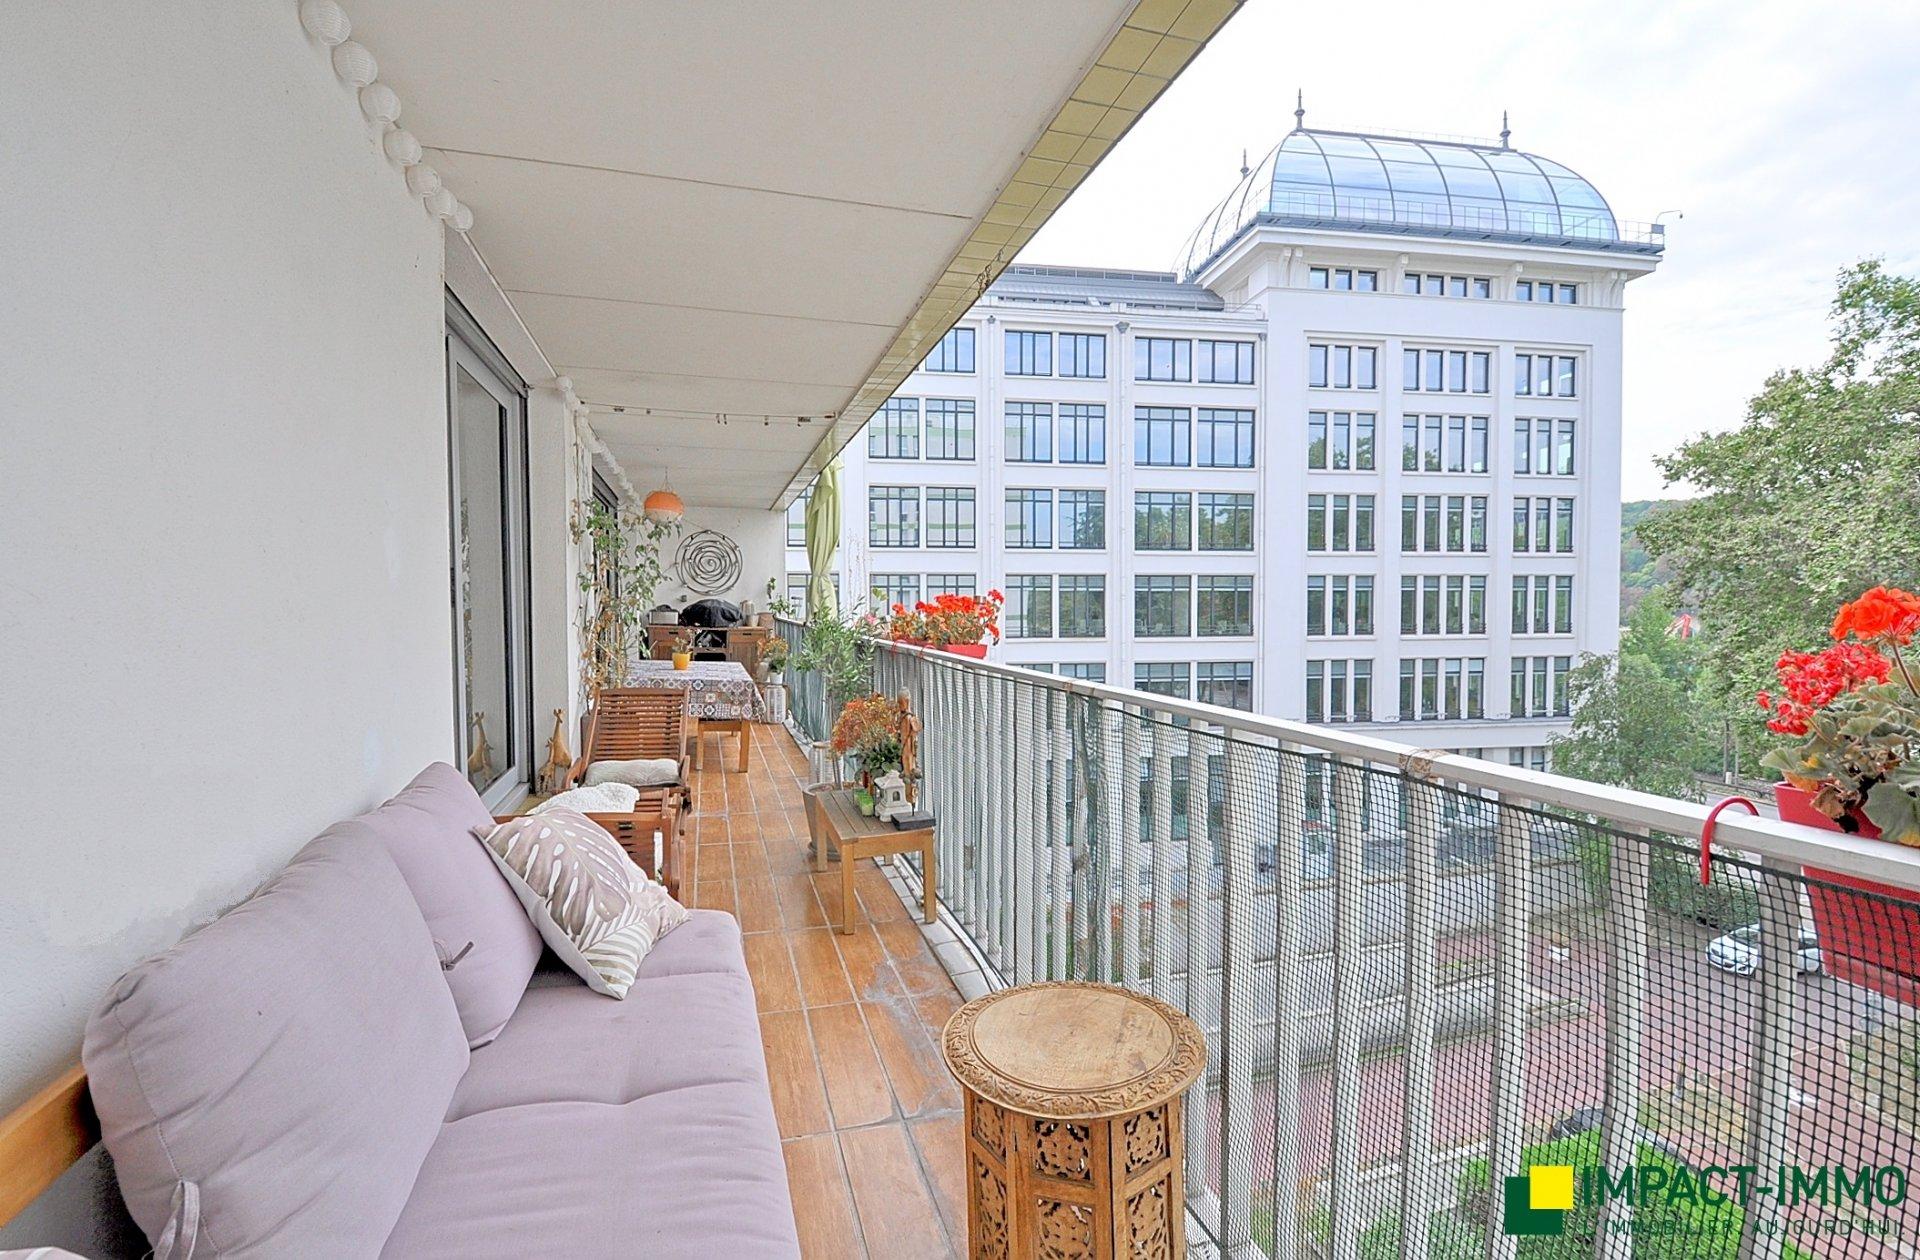 Dernier étage - 5p - terrasse - ascenseur - parking